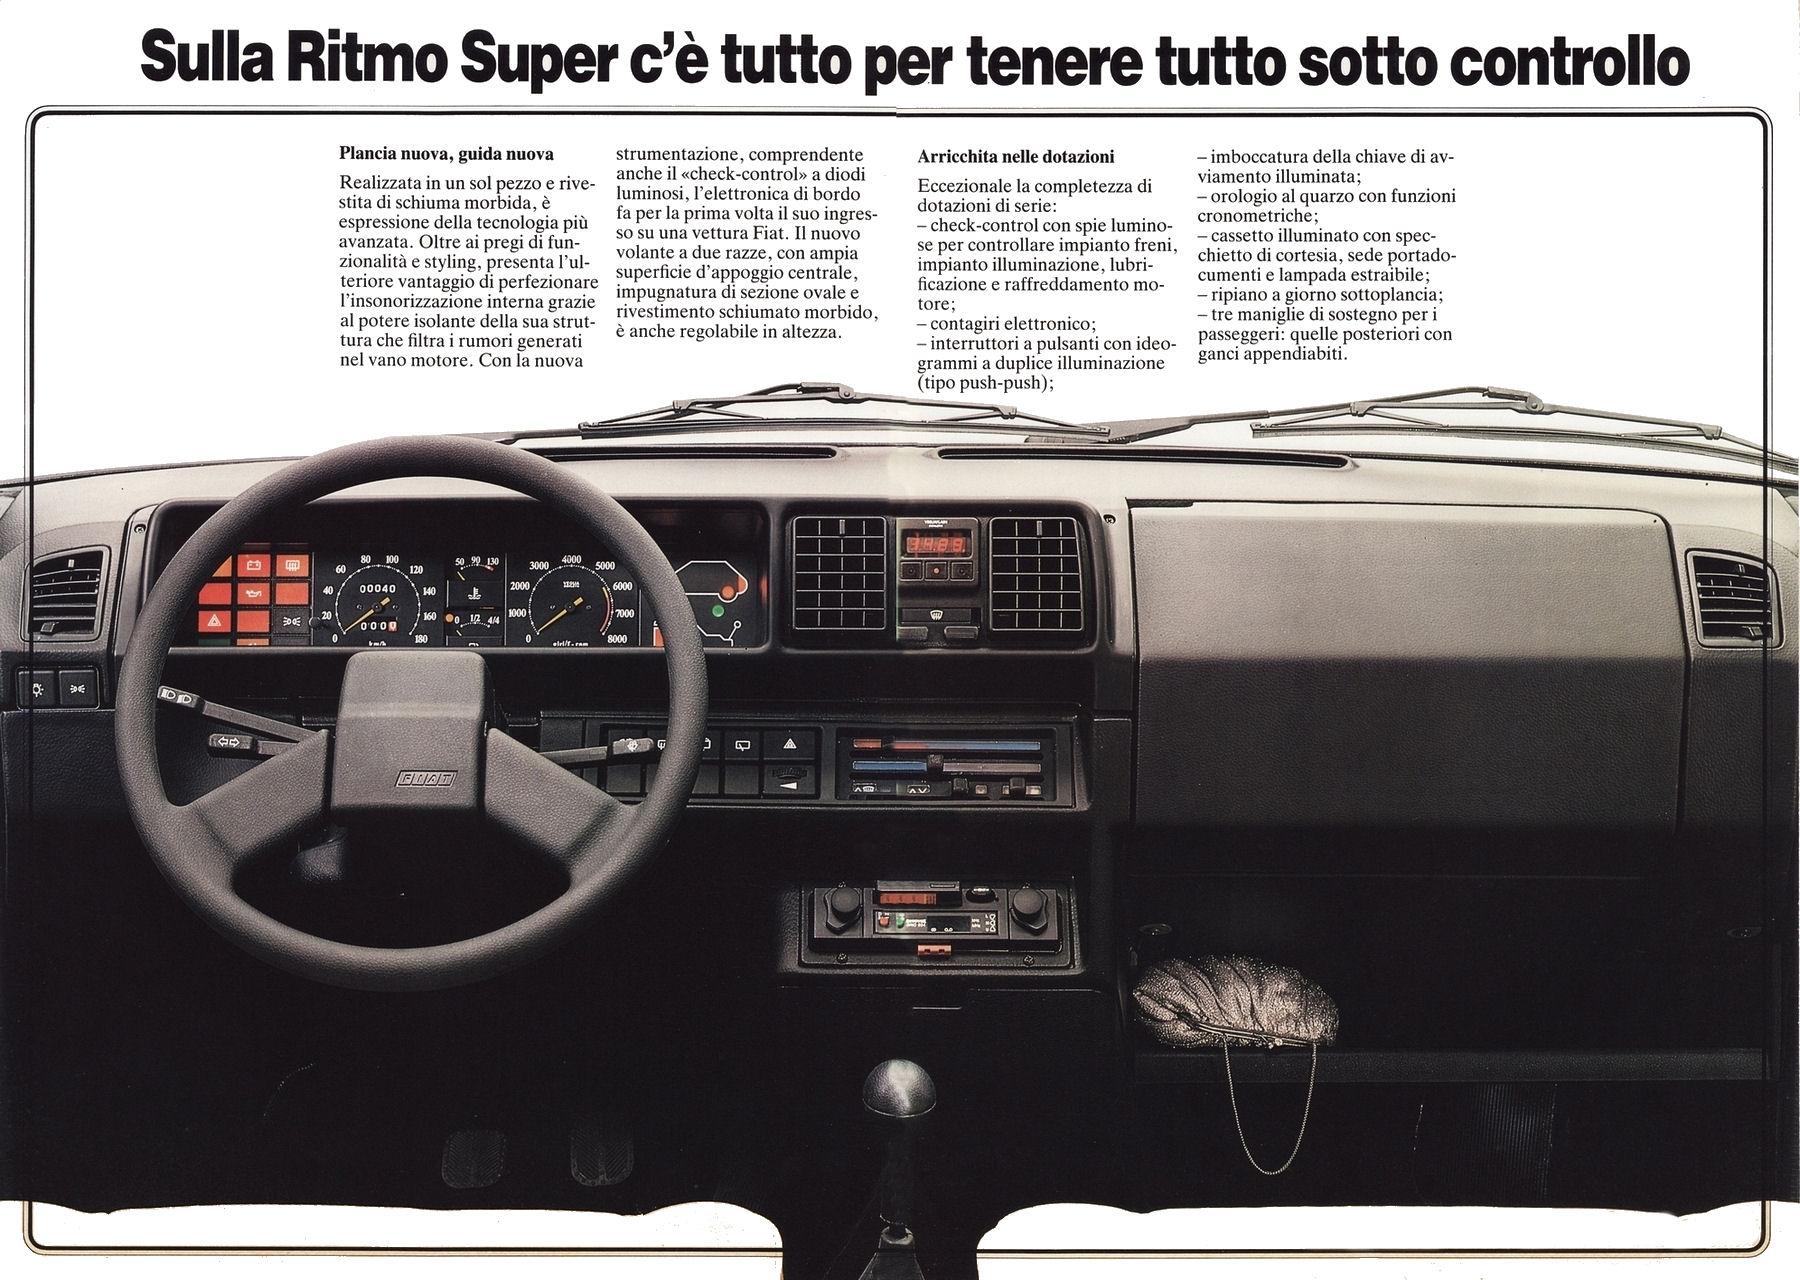 1981 Fiat Ritmo Super brochure Storm